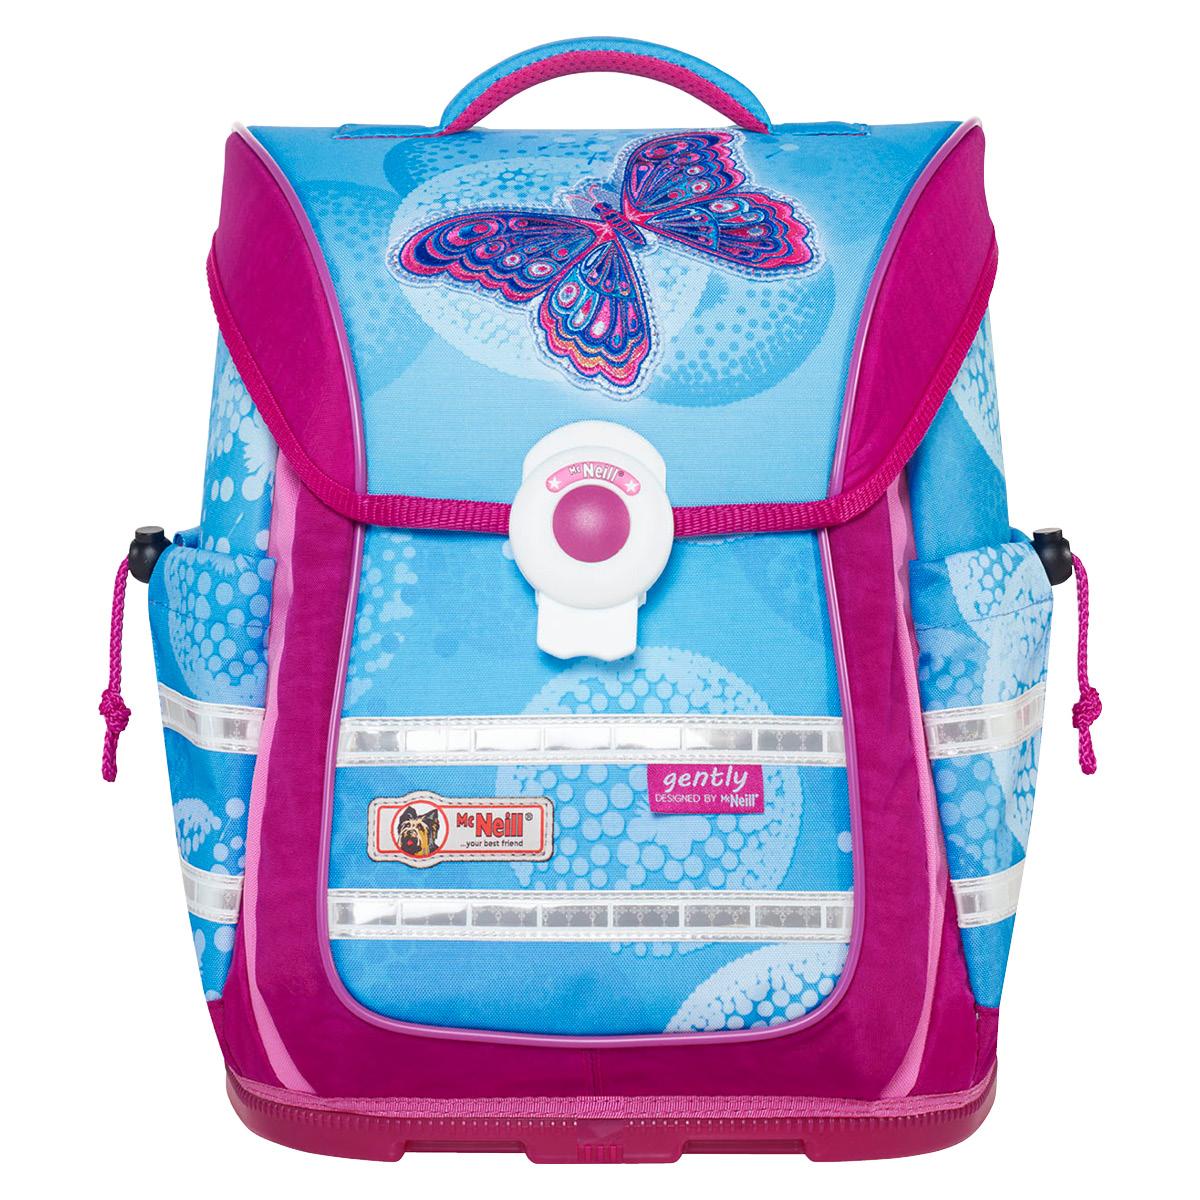 McNeill-Schulranzen-ERGO-Light-PURE-9630173000-pink-blau-schmetterlinge